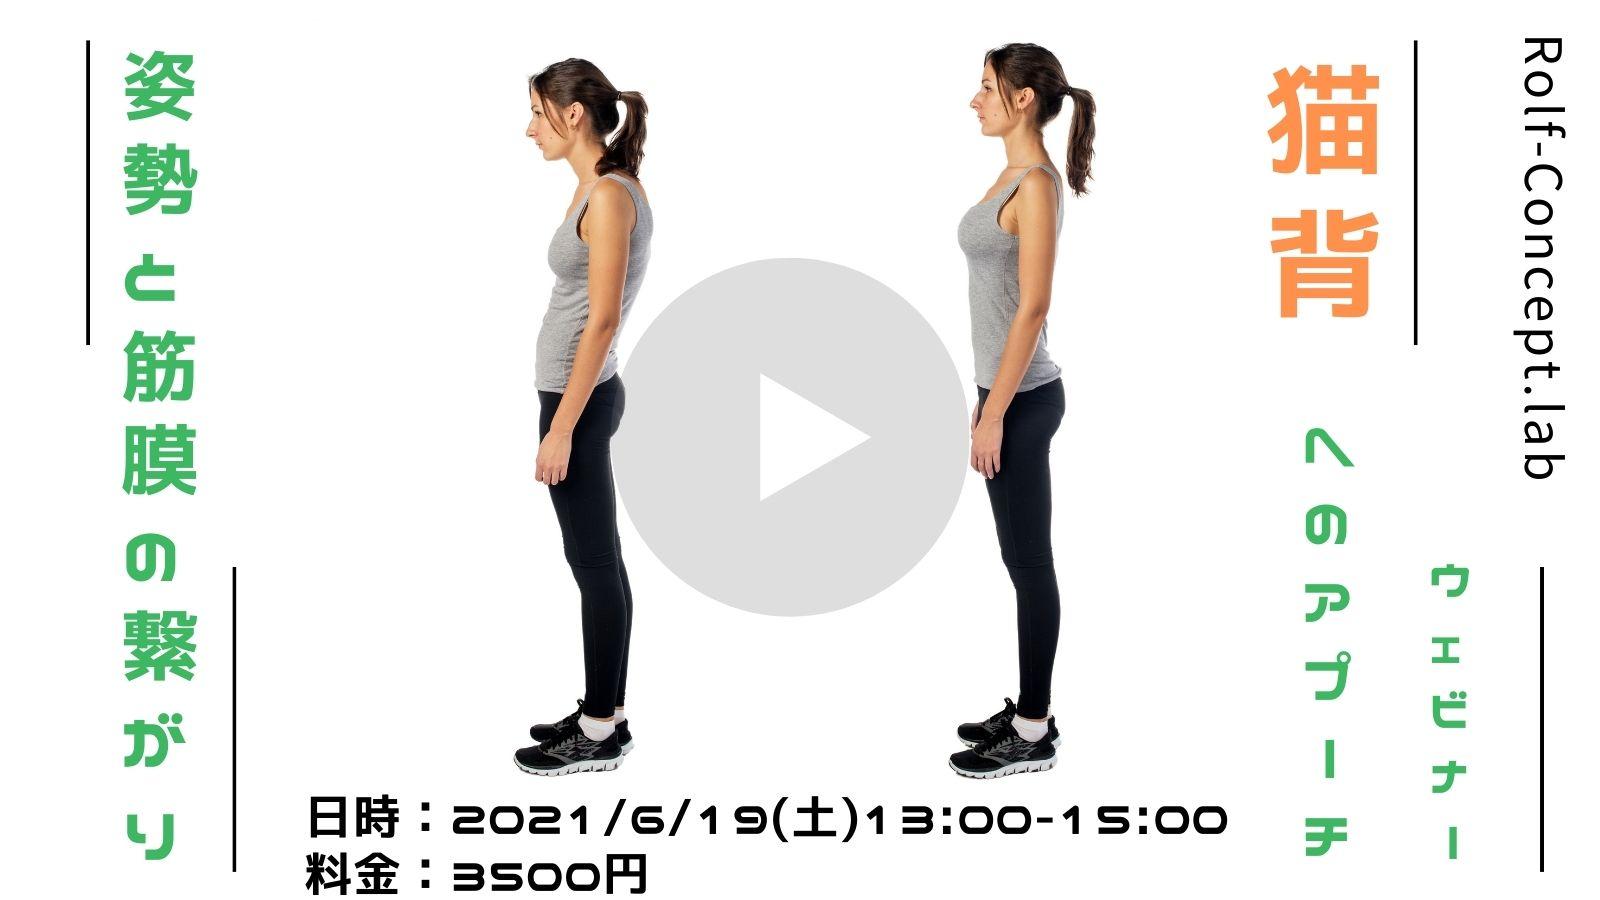 2021/6/19(土) 「姿勢と筋膜の繋がり 猫背へのアプローチ」ウェビナー